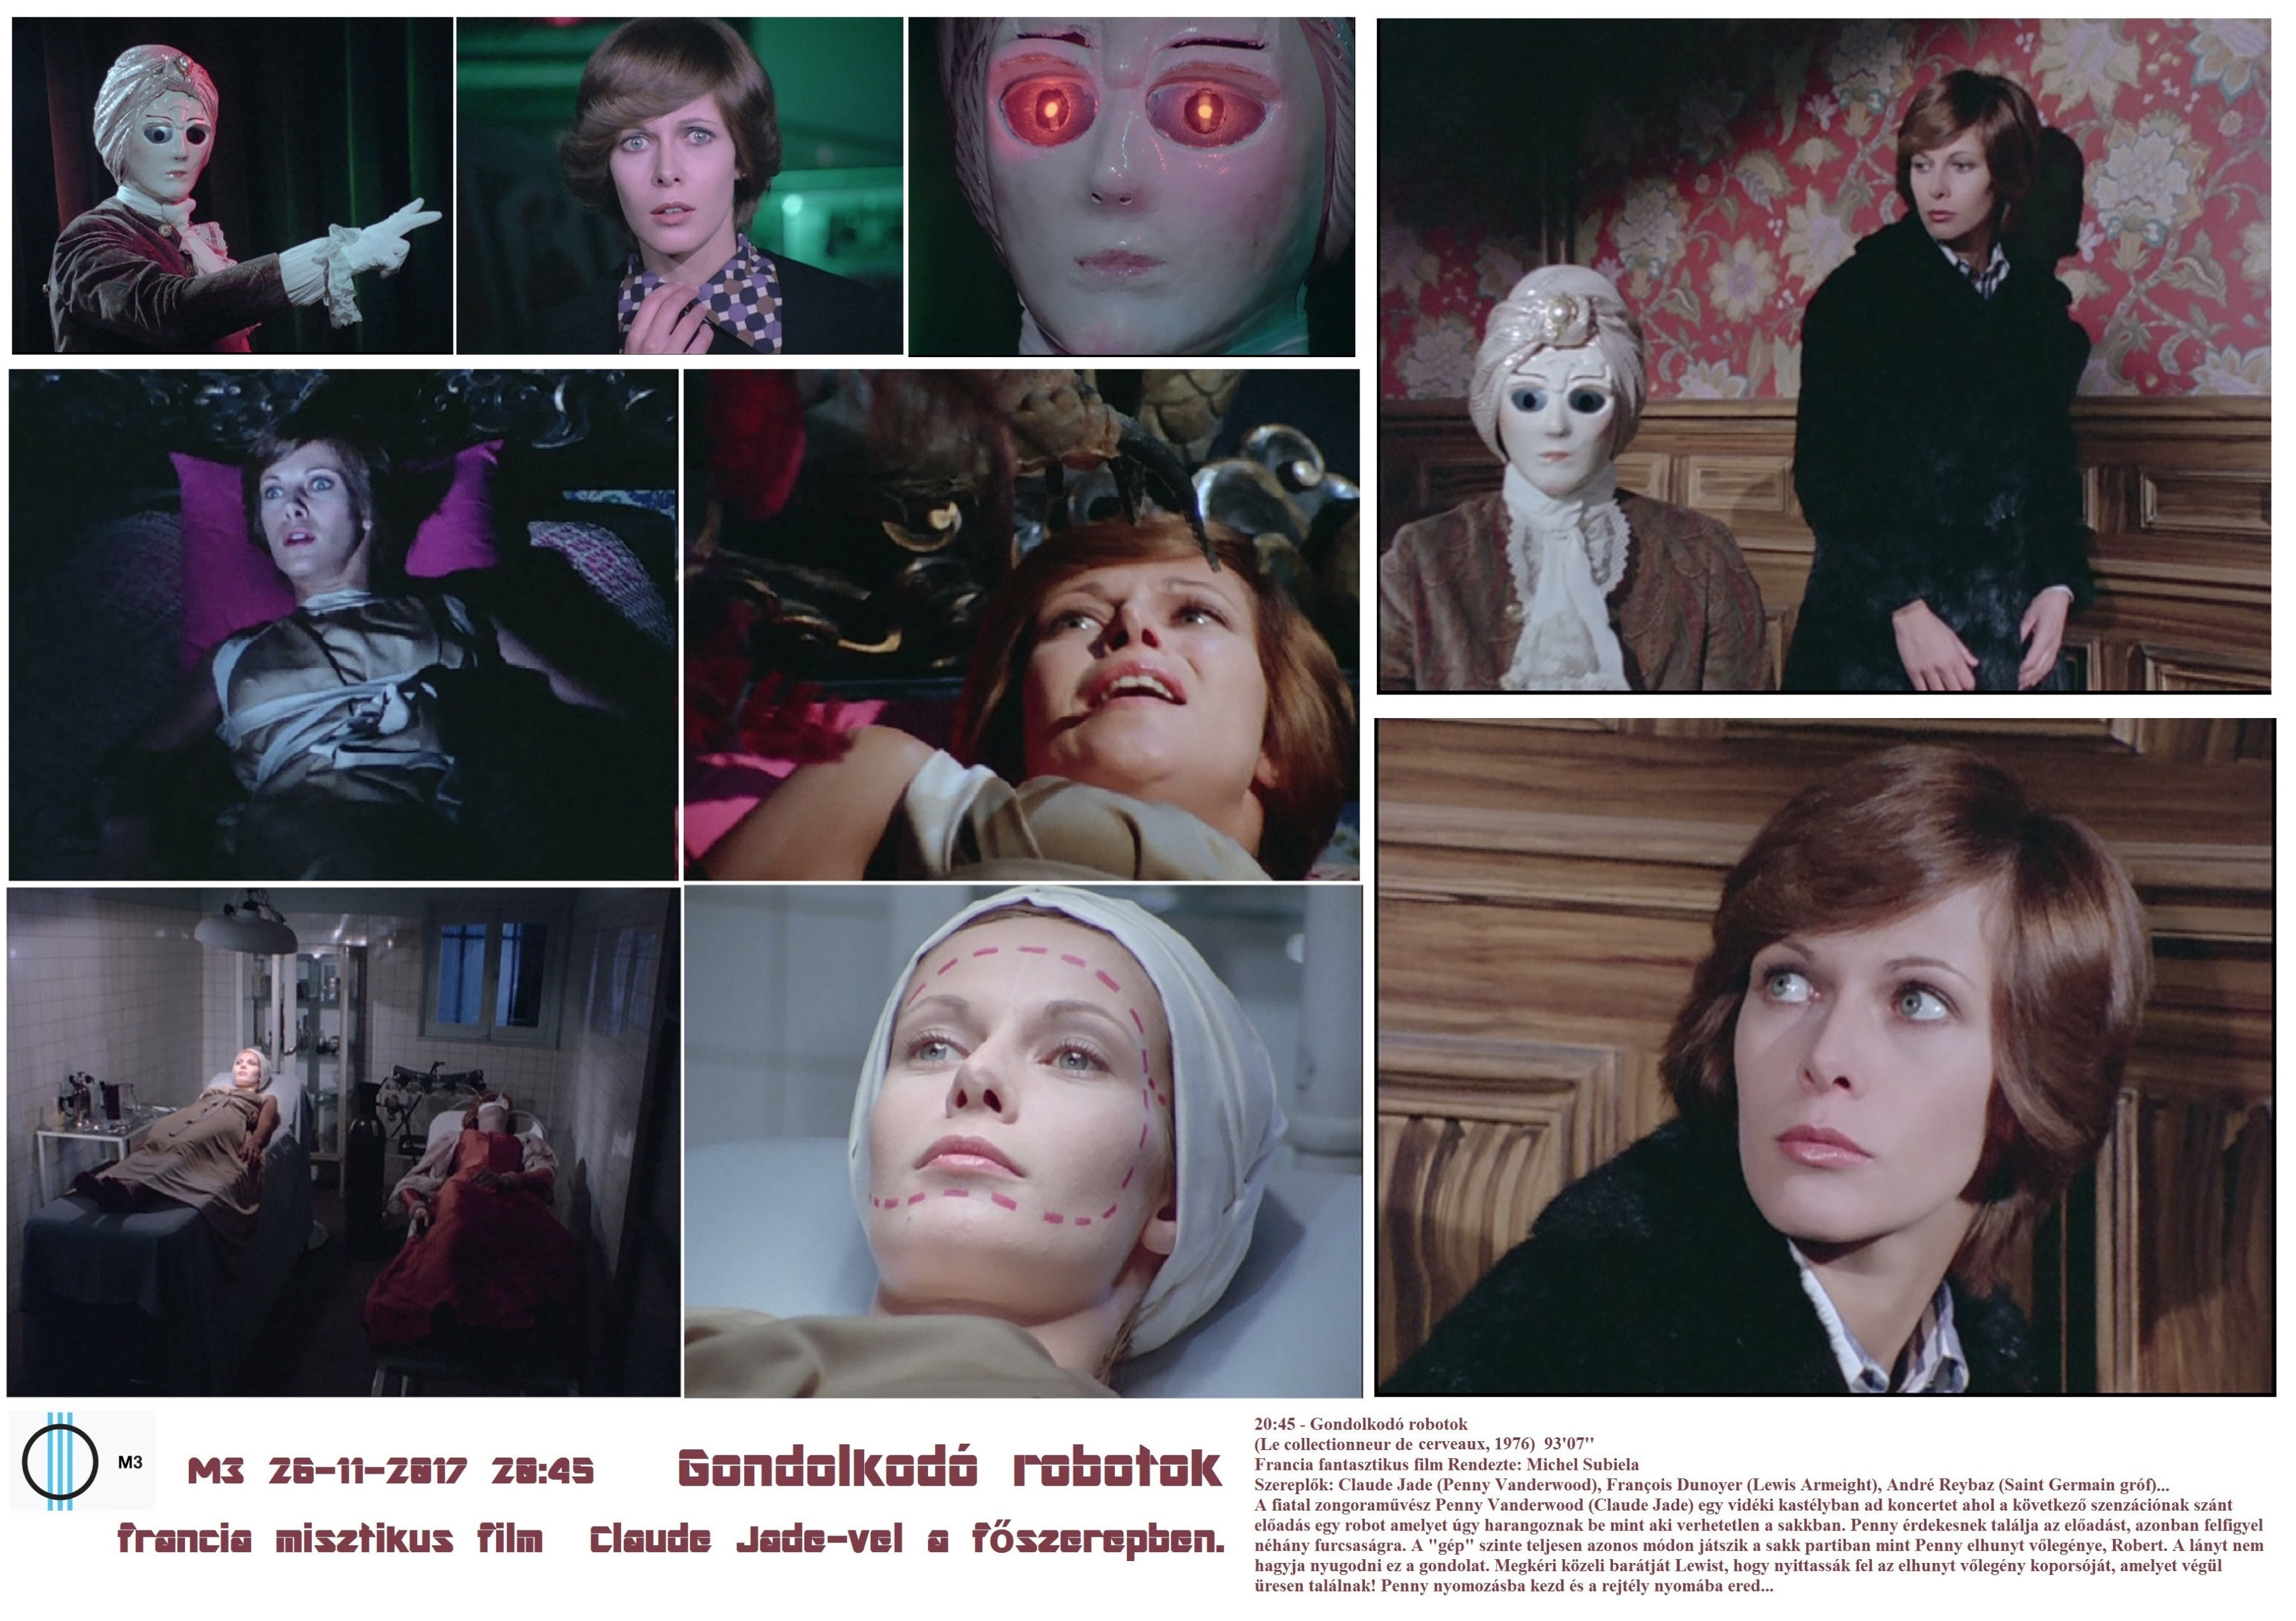 Gondolkodó robotok Collectionneur de cerveaux film fantastique George Langelaan Claude Jade